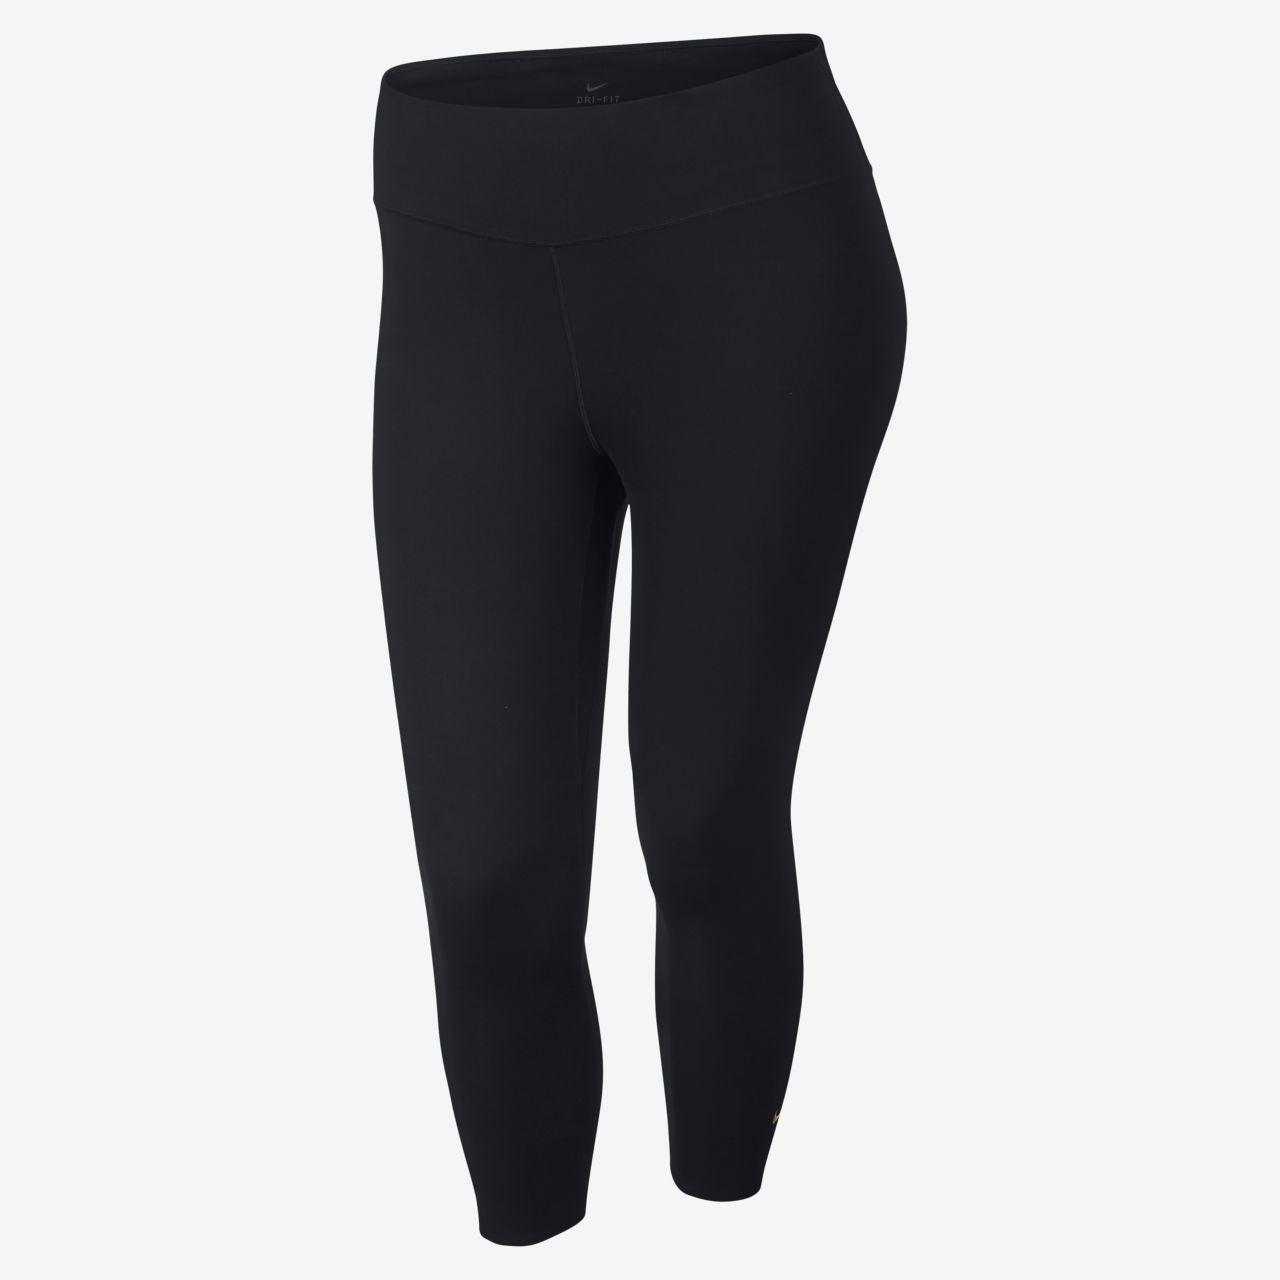 Corsários de treino Nike One Luxe para mulher (tamanhos grandes)